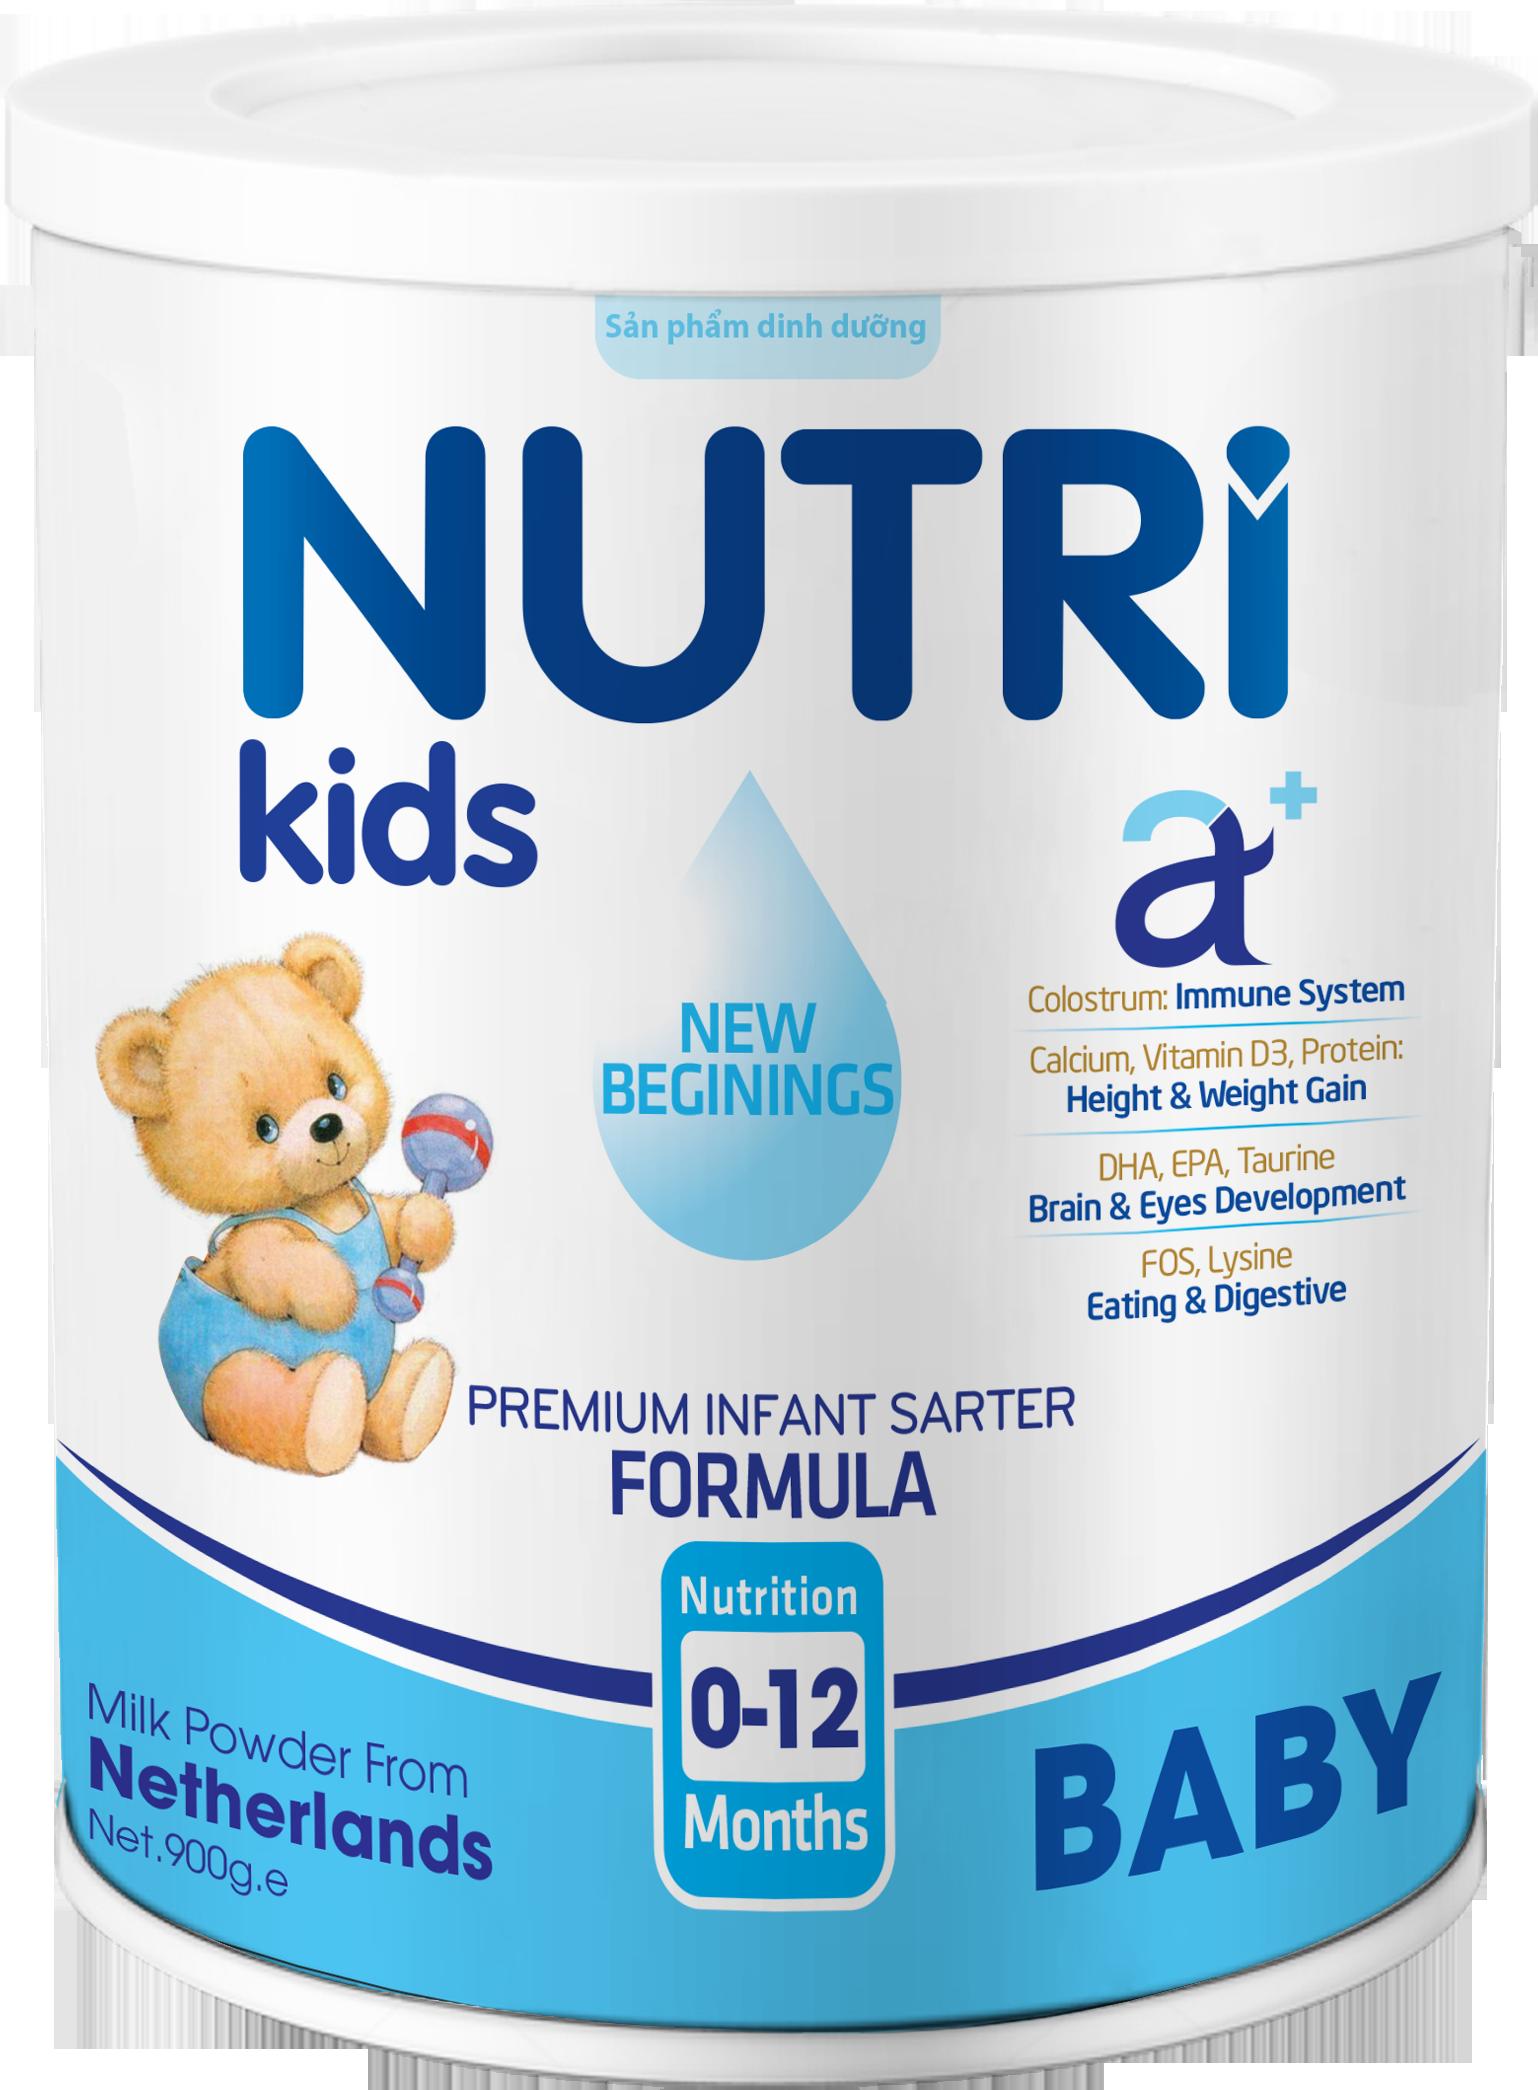 NUTRI KIDS A+ BABY 900g